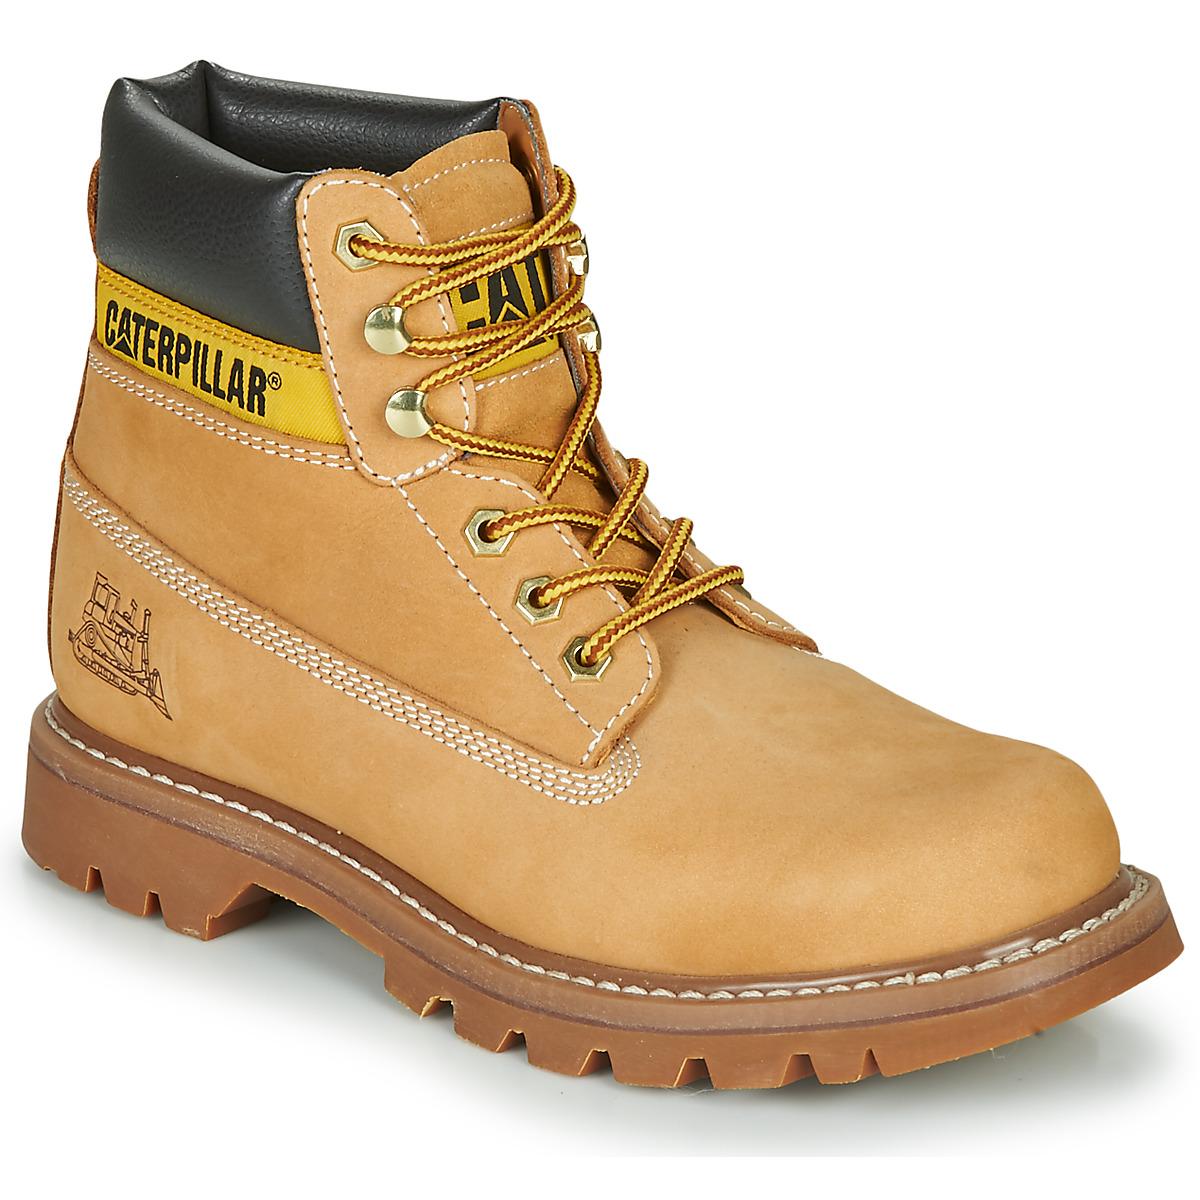 Caterpillar COLORADO Honig - Kostenloser Versand bei Spartoode ! - Schuhe Boots Herren 127,92 €